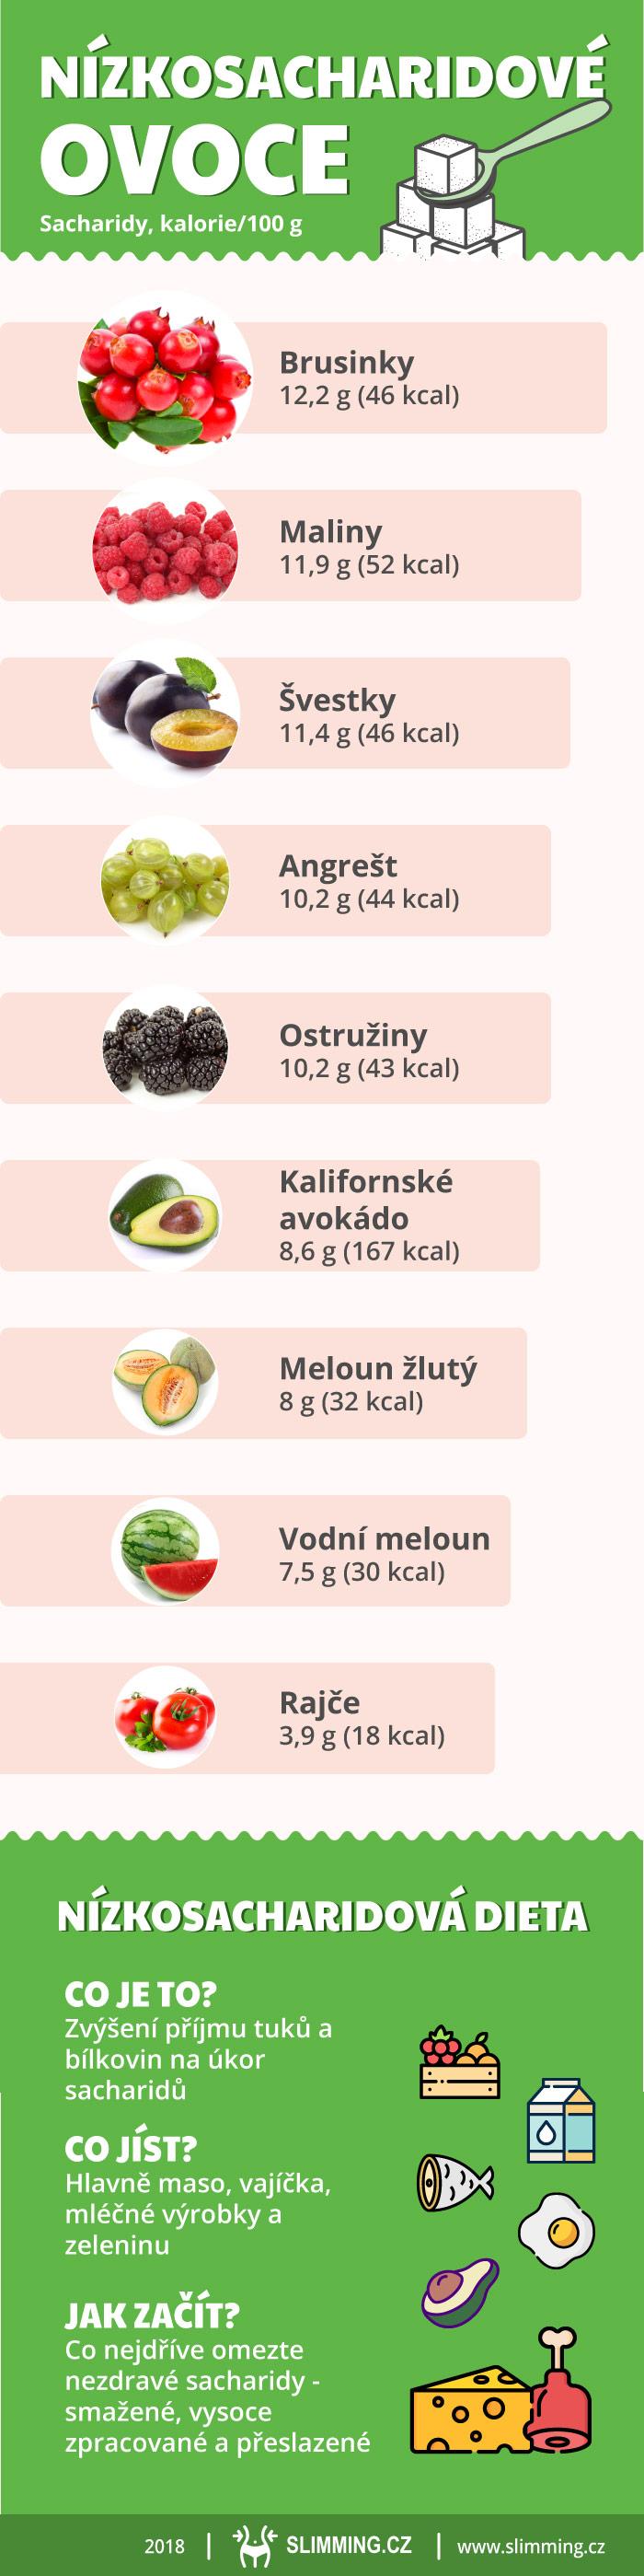 nízkosacharidová dieta infografika 0bad5d8c9a